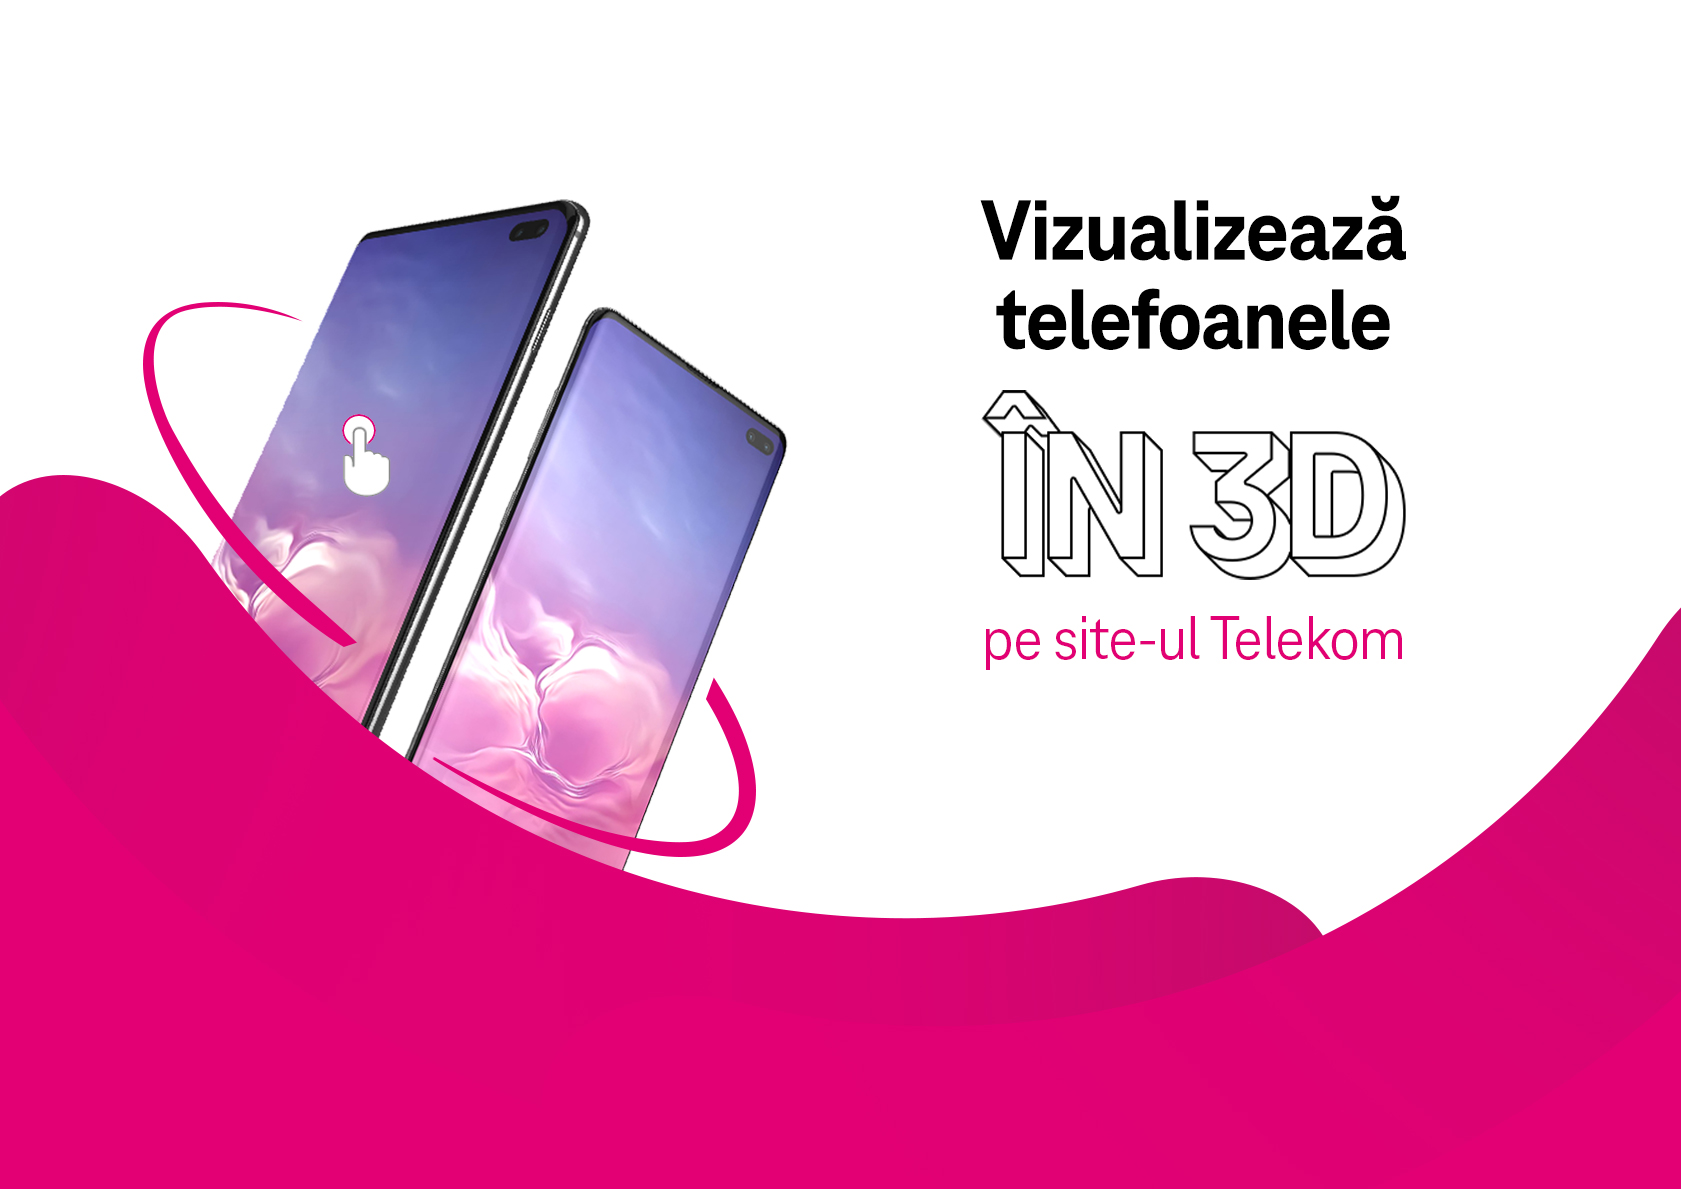 Telekom Romania introduce previzualizarea în 3D a telefoanelor de pe site